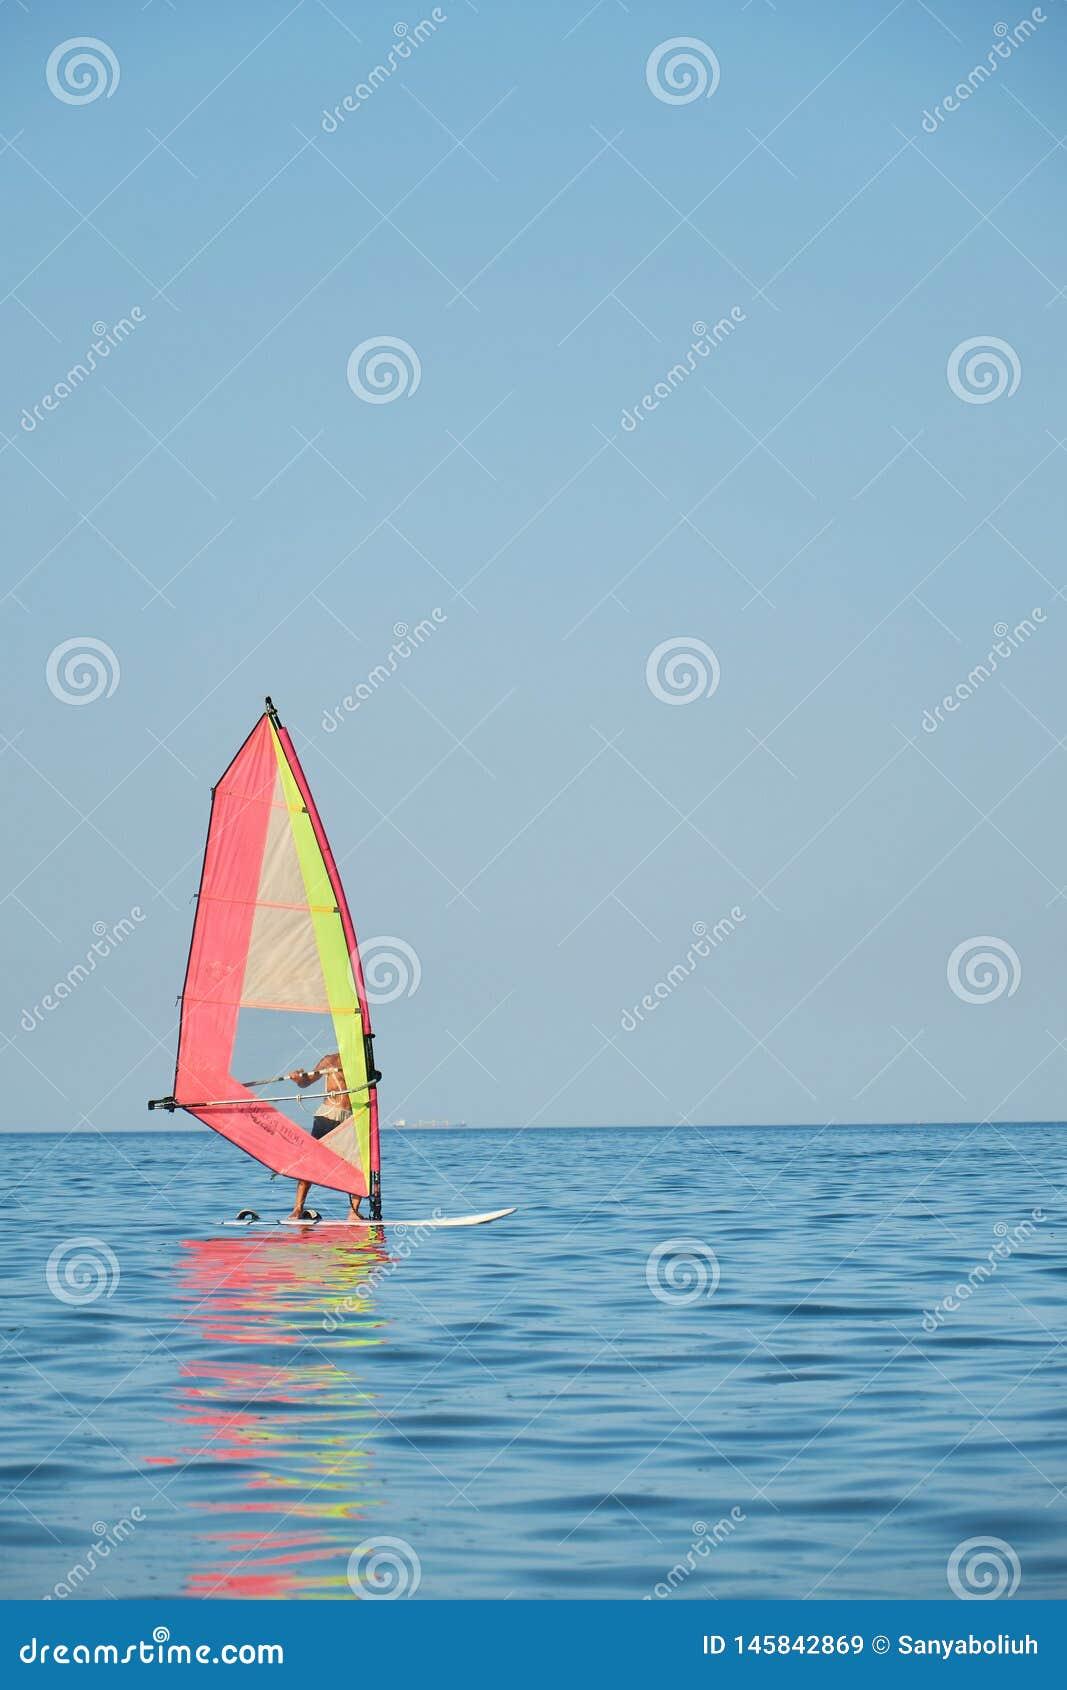 Windsurfing, Pret in de oceaan, Extreme Sport op overzeese achtergrond